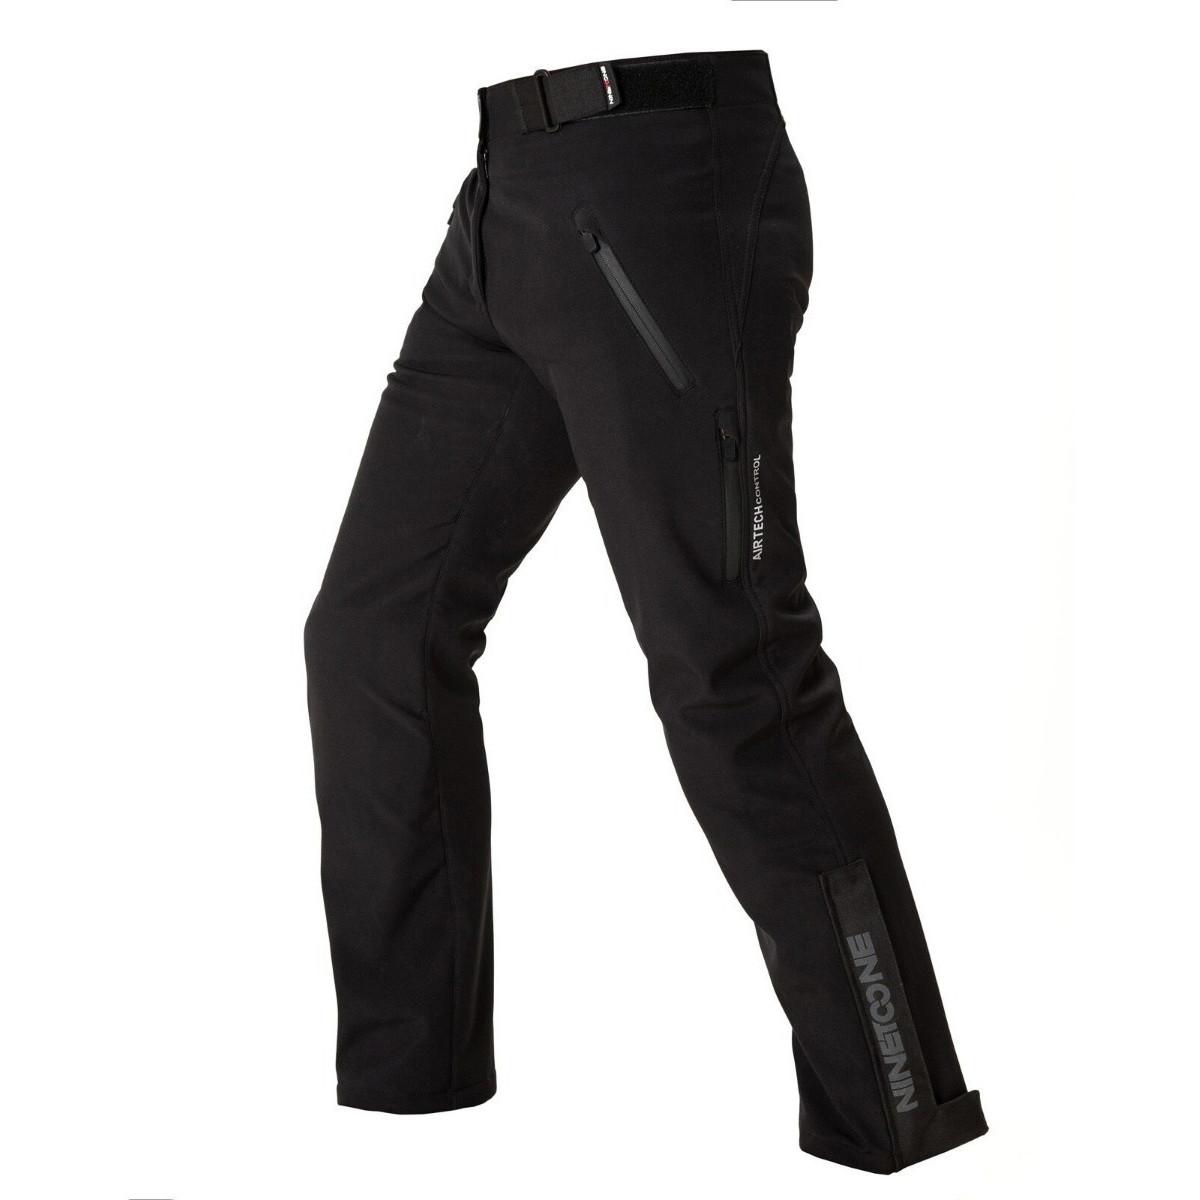 Pantalón Softshell Ninetoone Hera Mujer con Protecciones